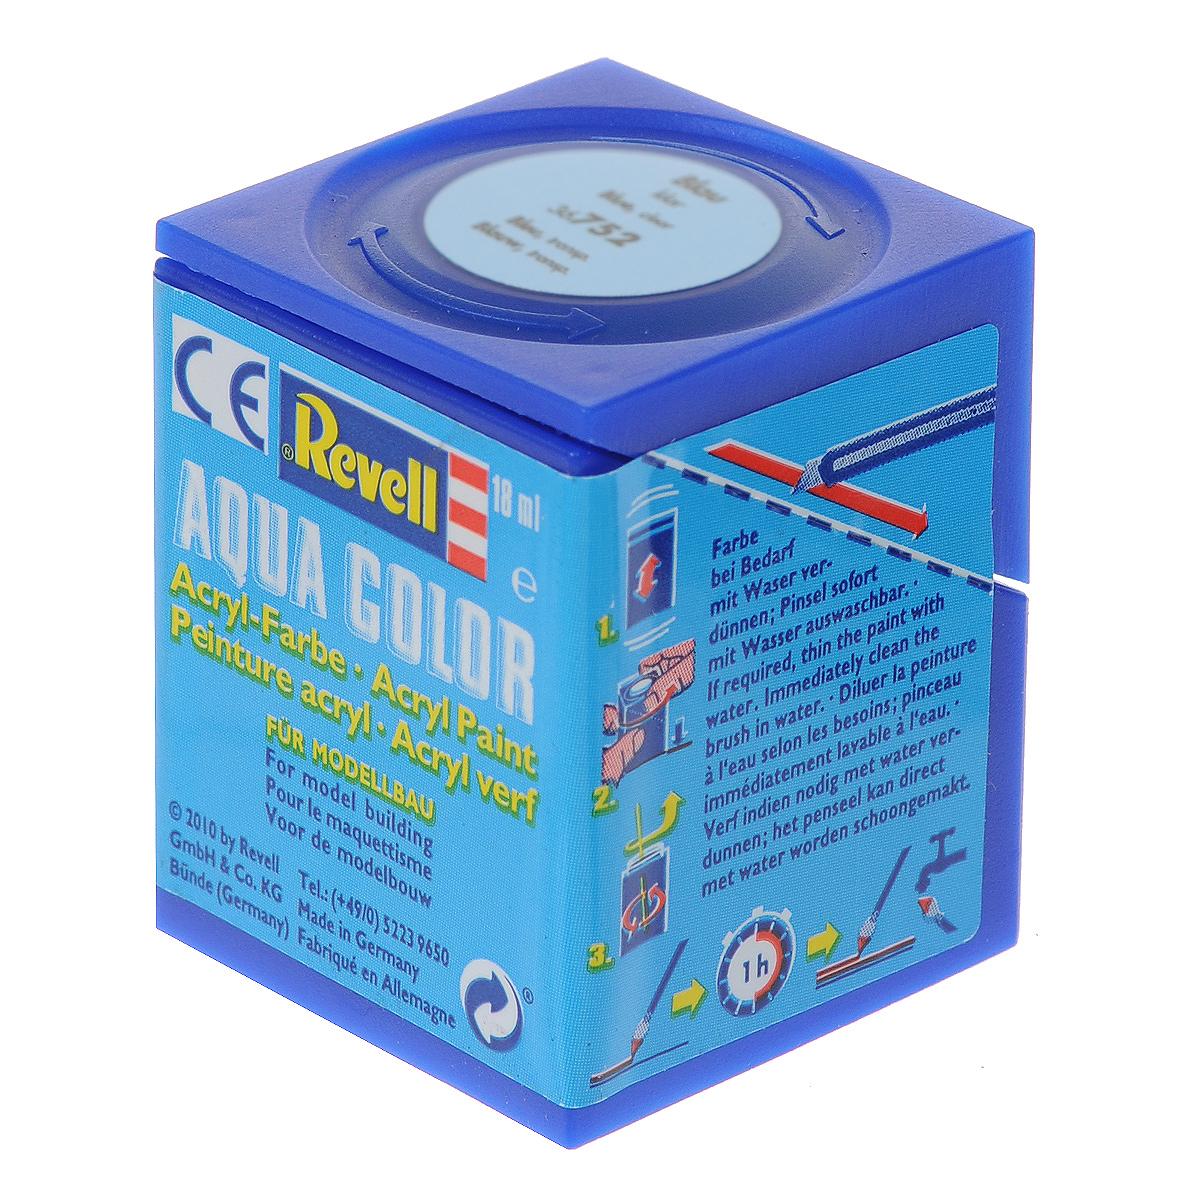 Revell Аква-краска прозрачная цвет голубой 18 мл36752Краски для моделей Revell - это высококачественный материал для покраски ваших моделей. Данная краска служит для окрашивания пластиковых поверхностей сборных моделей Revell. В баночке содержится 18 мл краски с прозрачным эффектом. В случае необходимости различные оттенки эмали могут быть смешаны друг с другом, для разбавления используется Revell Color Mix.